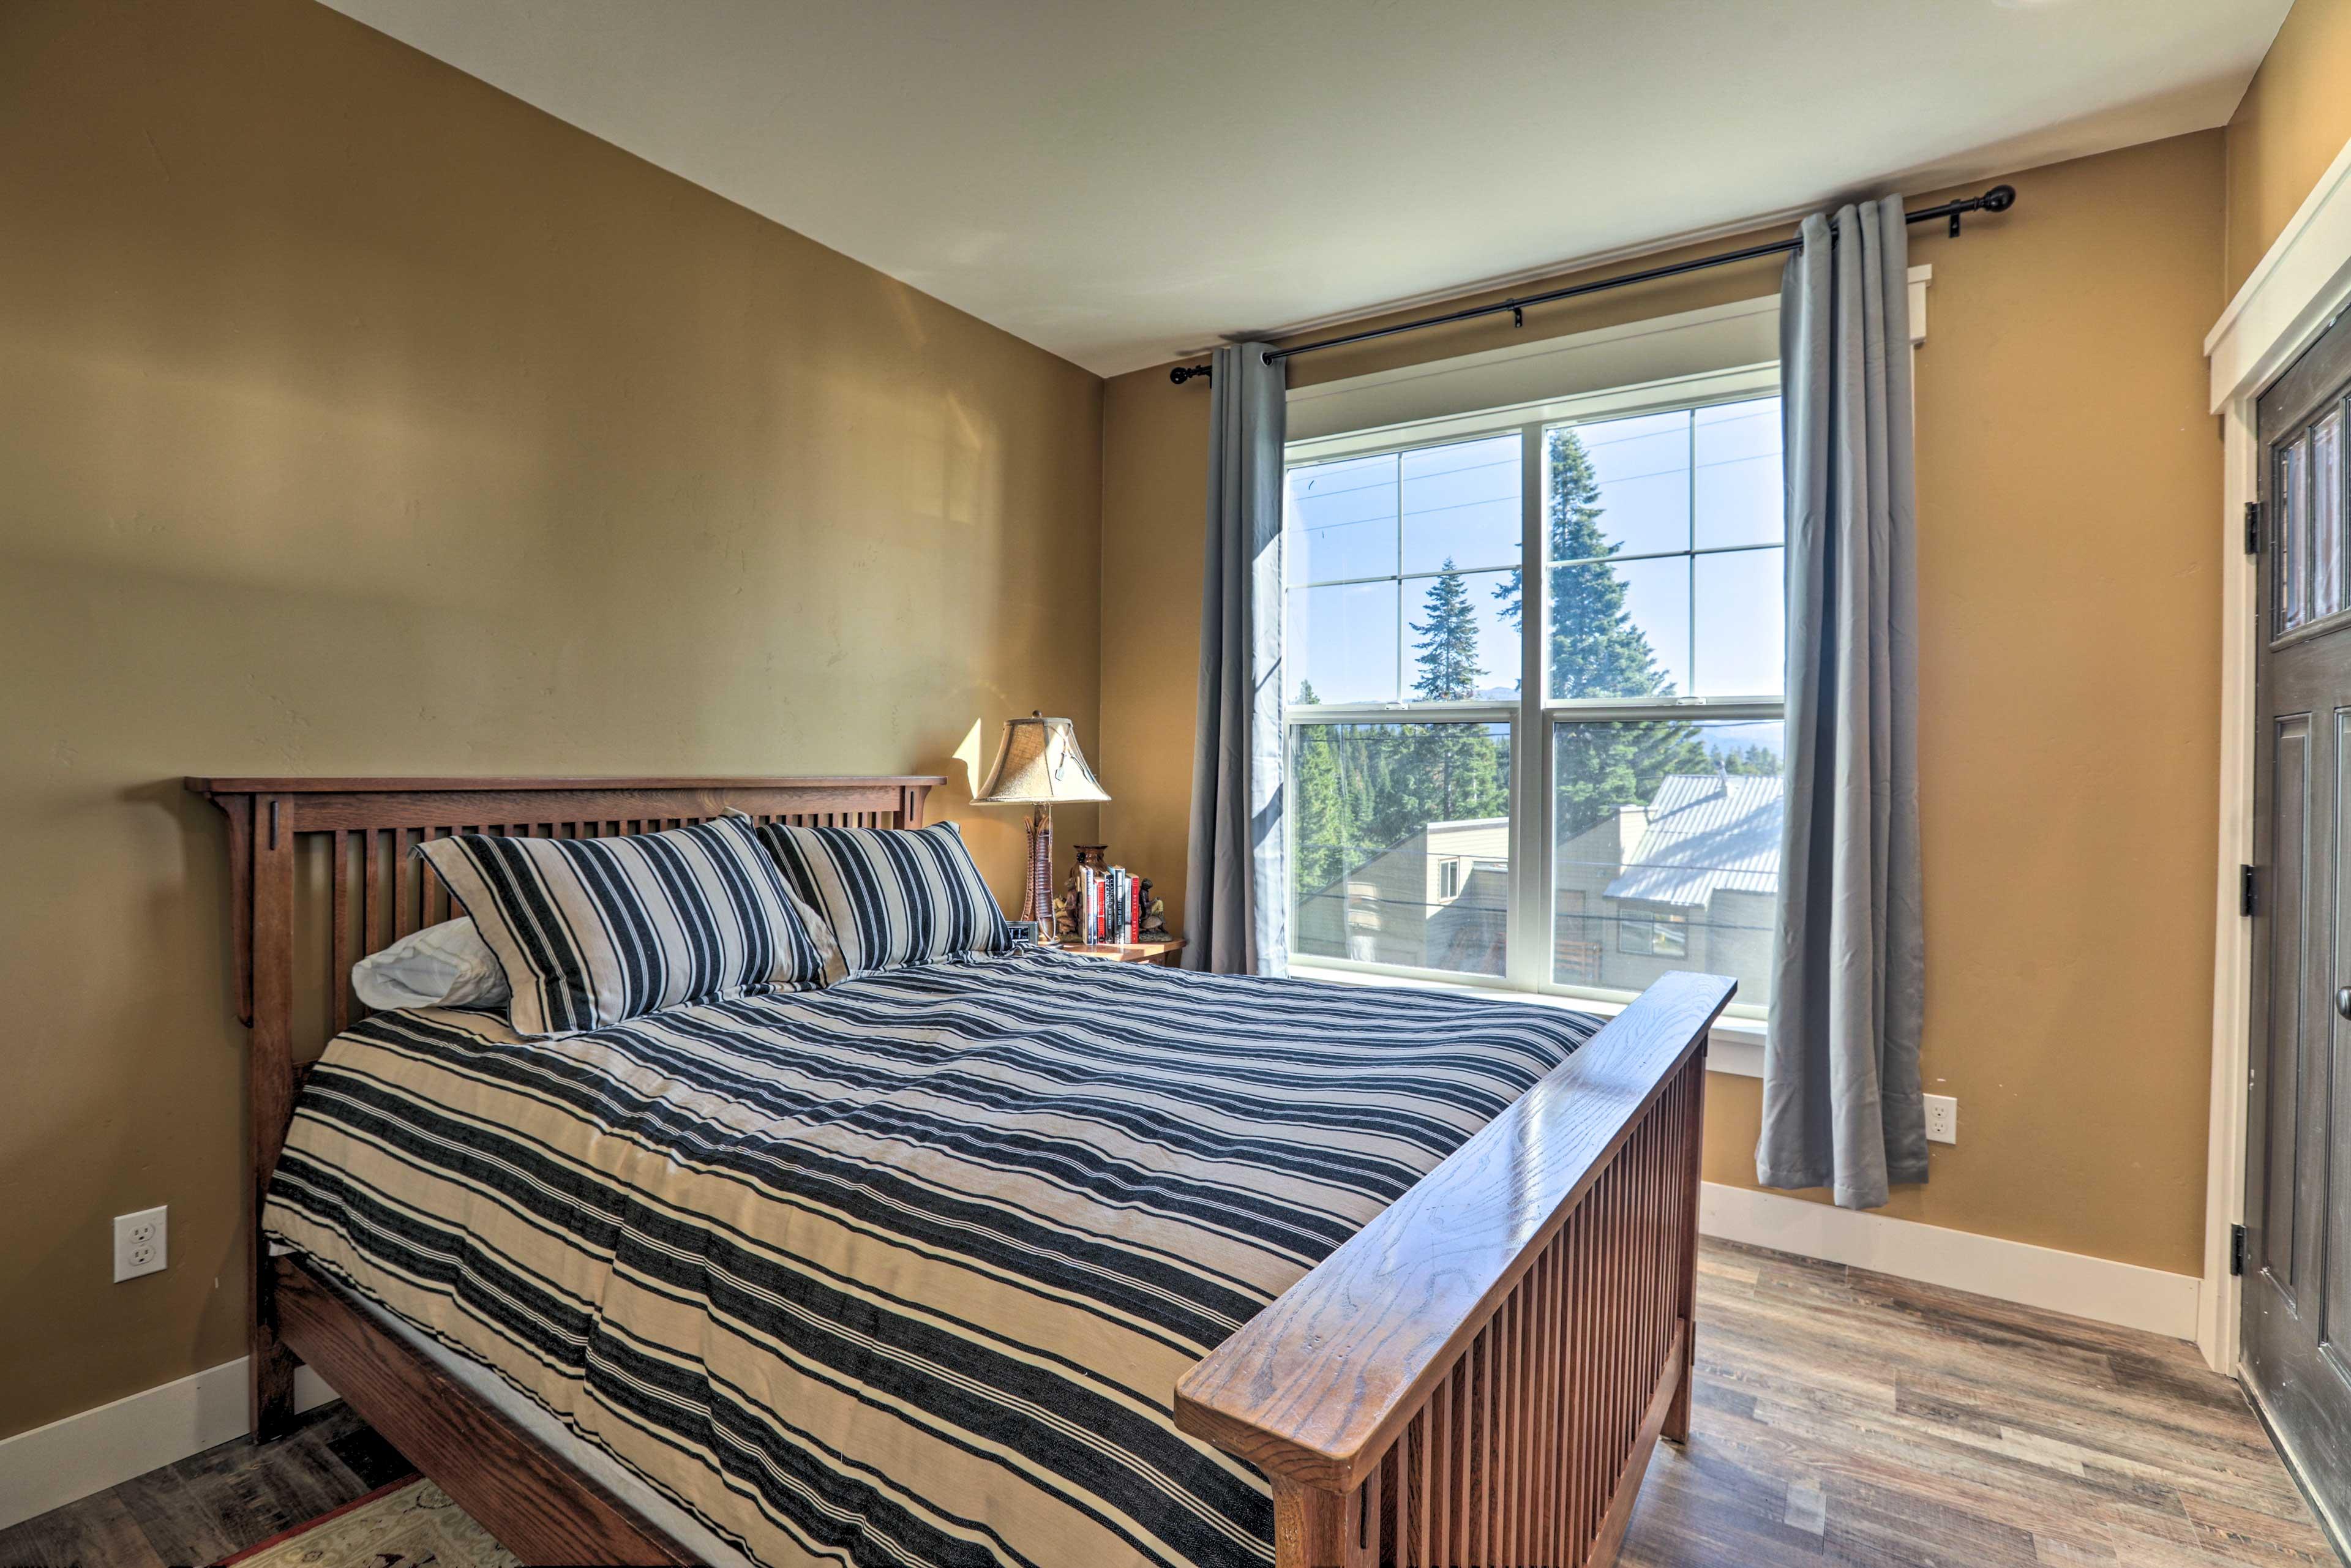 The queen bed sleeps 2 guests.